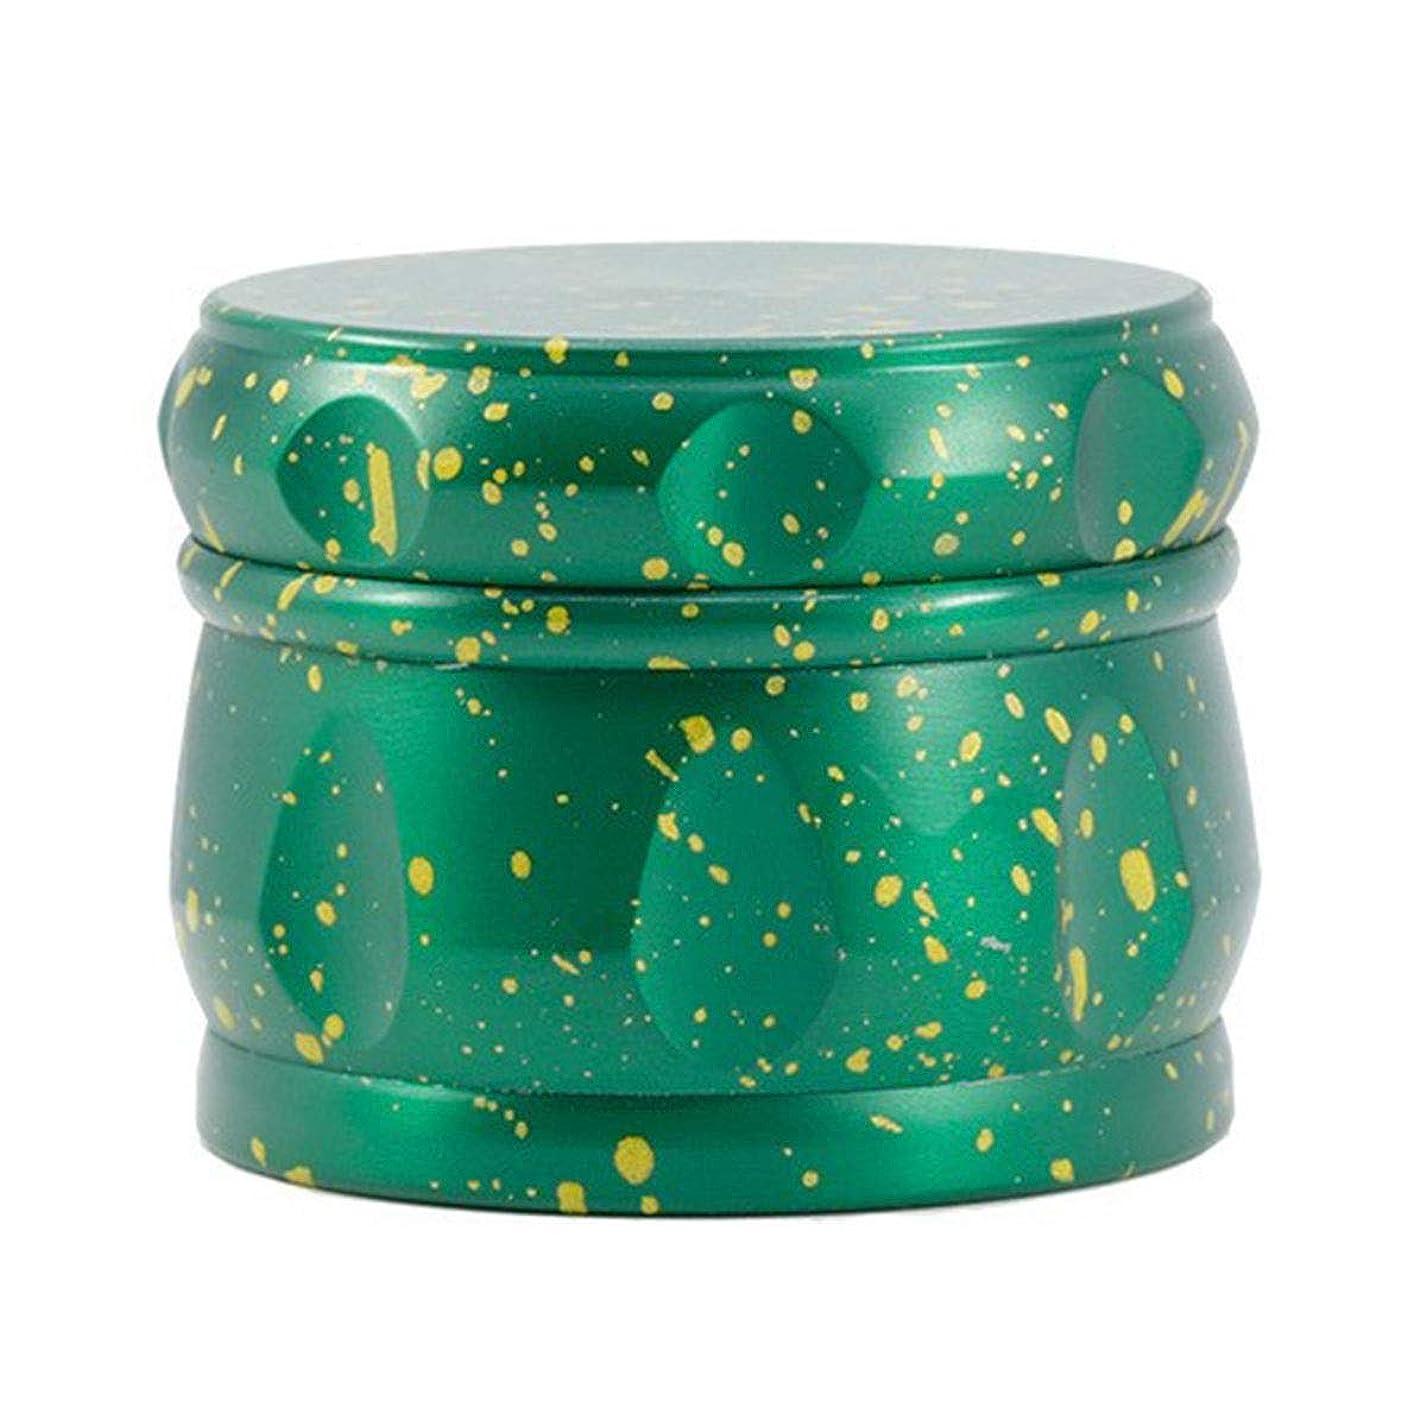 スリットお誕生日振る舞う4層の直径63ミリメートル調理ケータリングに適した金属グラインダー亜鉛合金研削調味ドラムタイプ花スプラッシュインク (Color : Green)